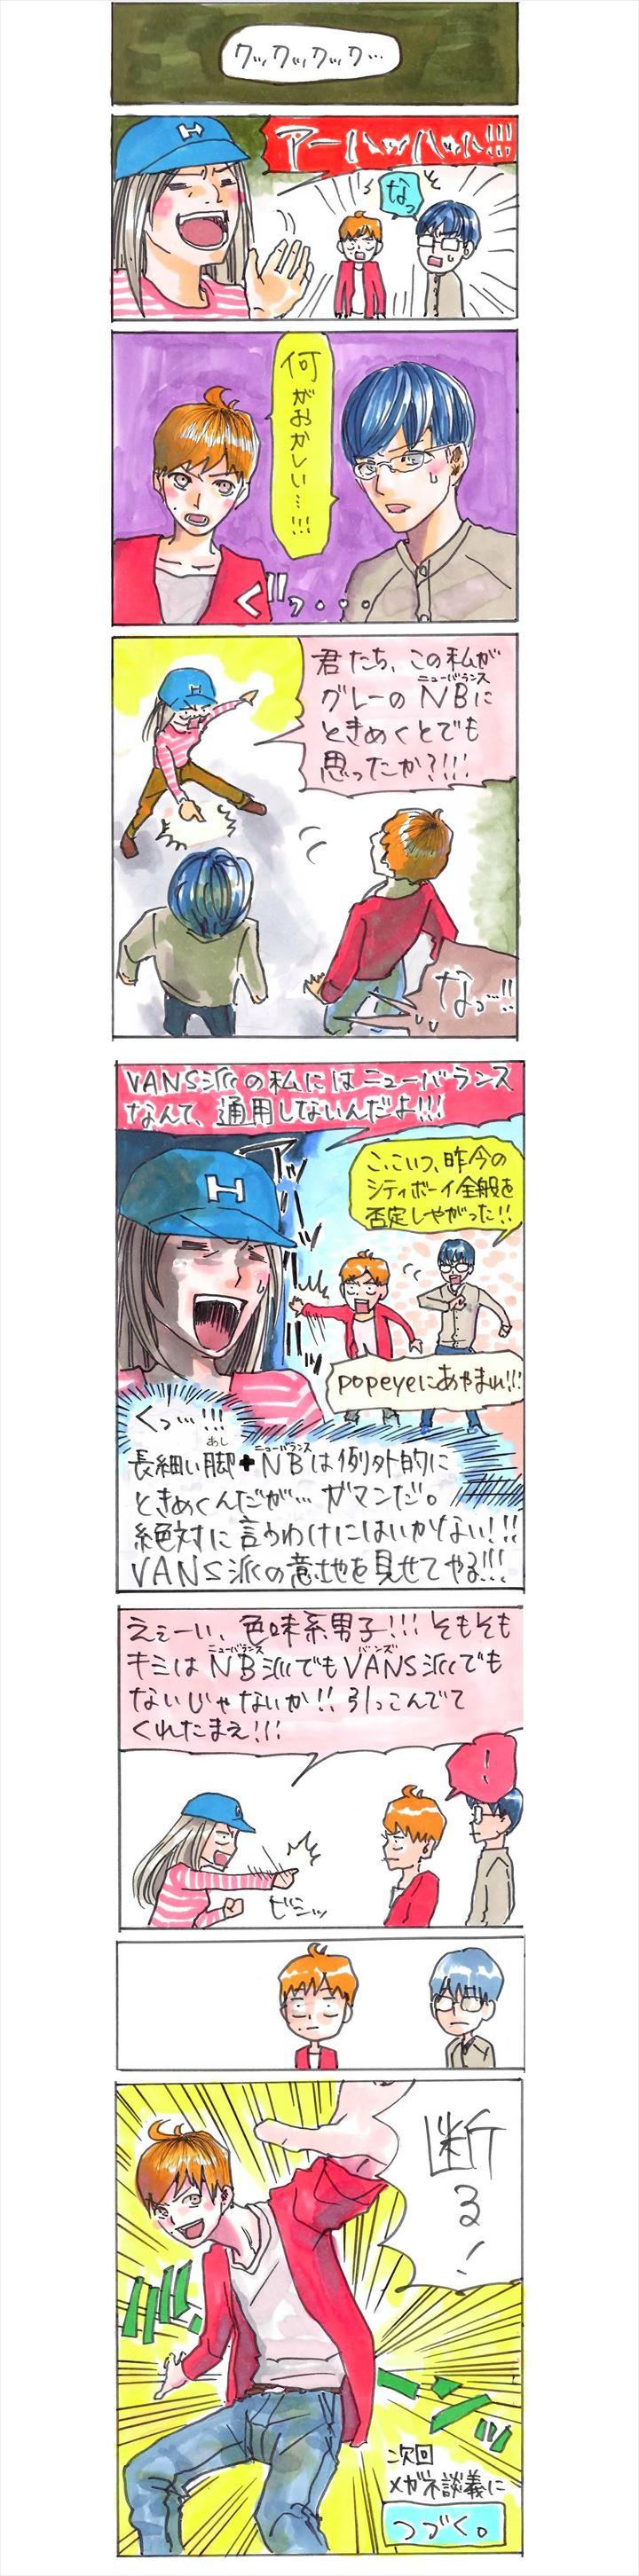 yajima4.3_R